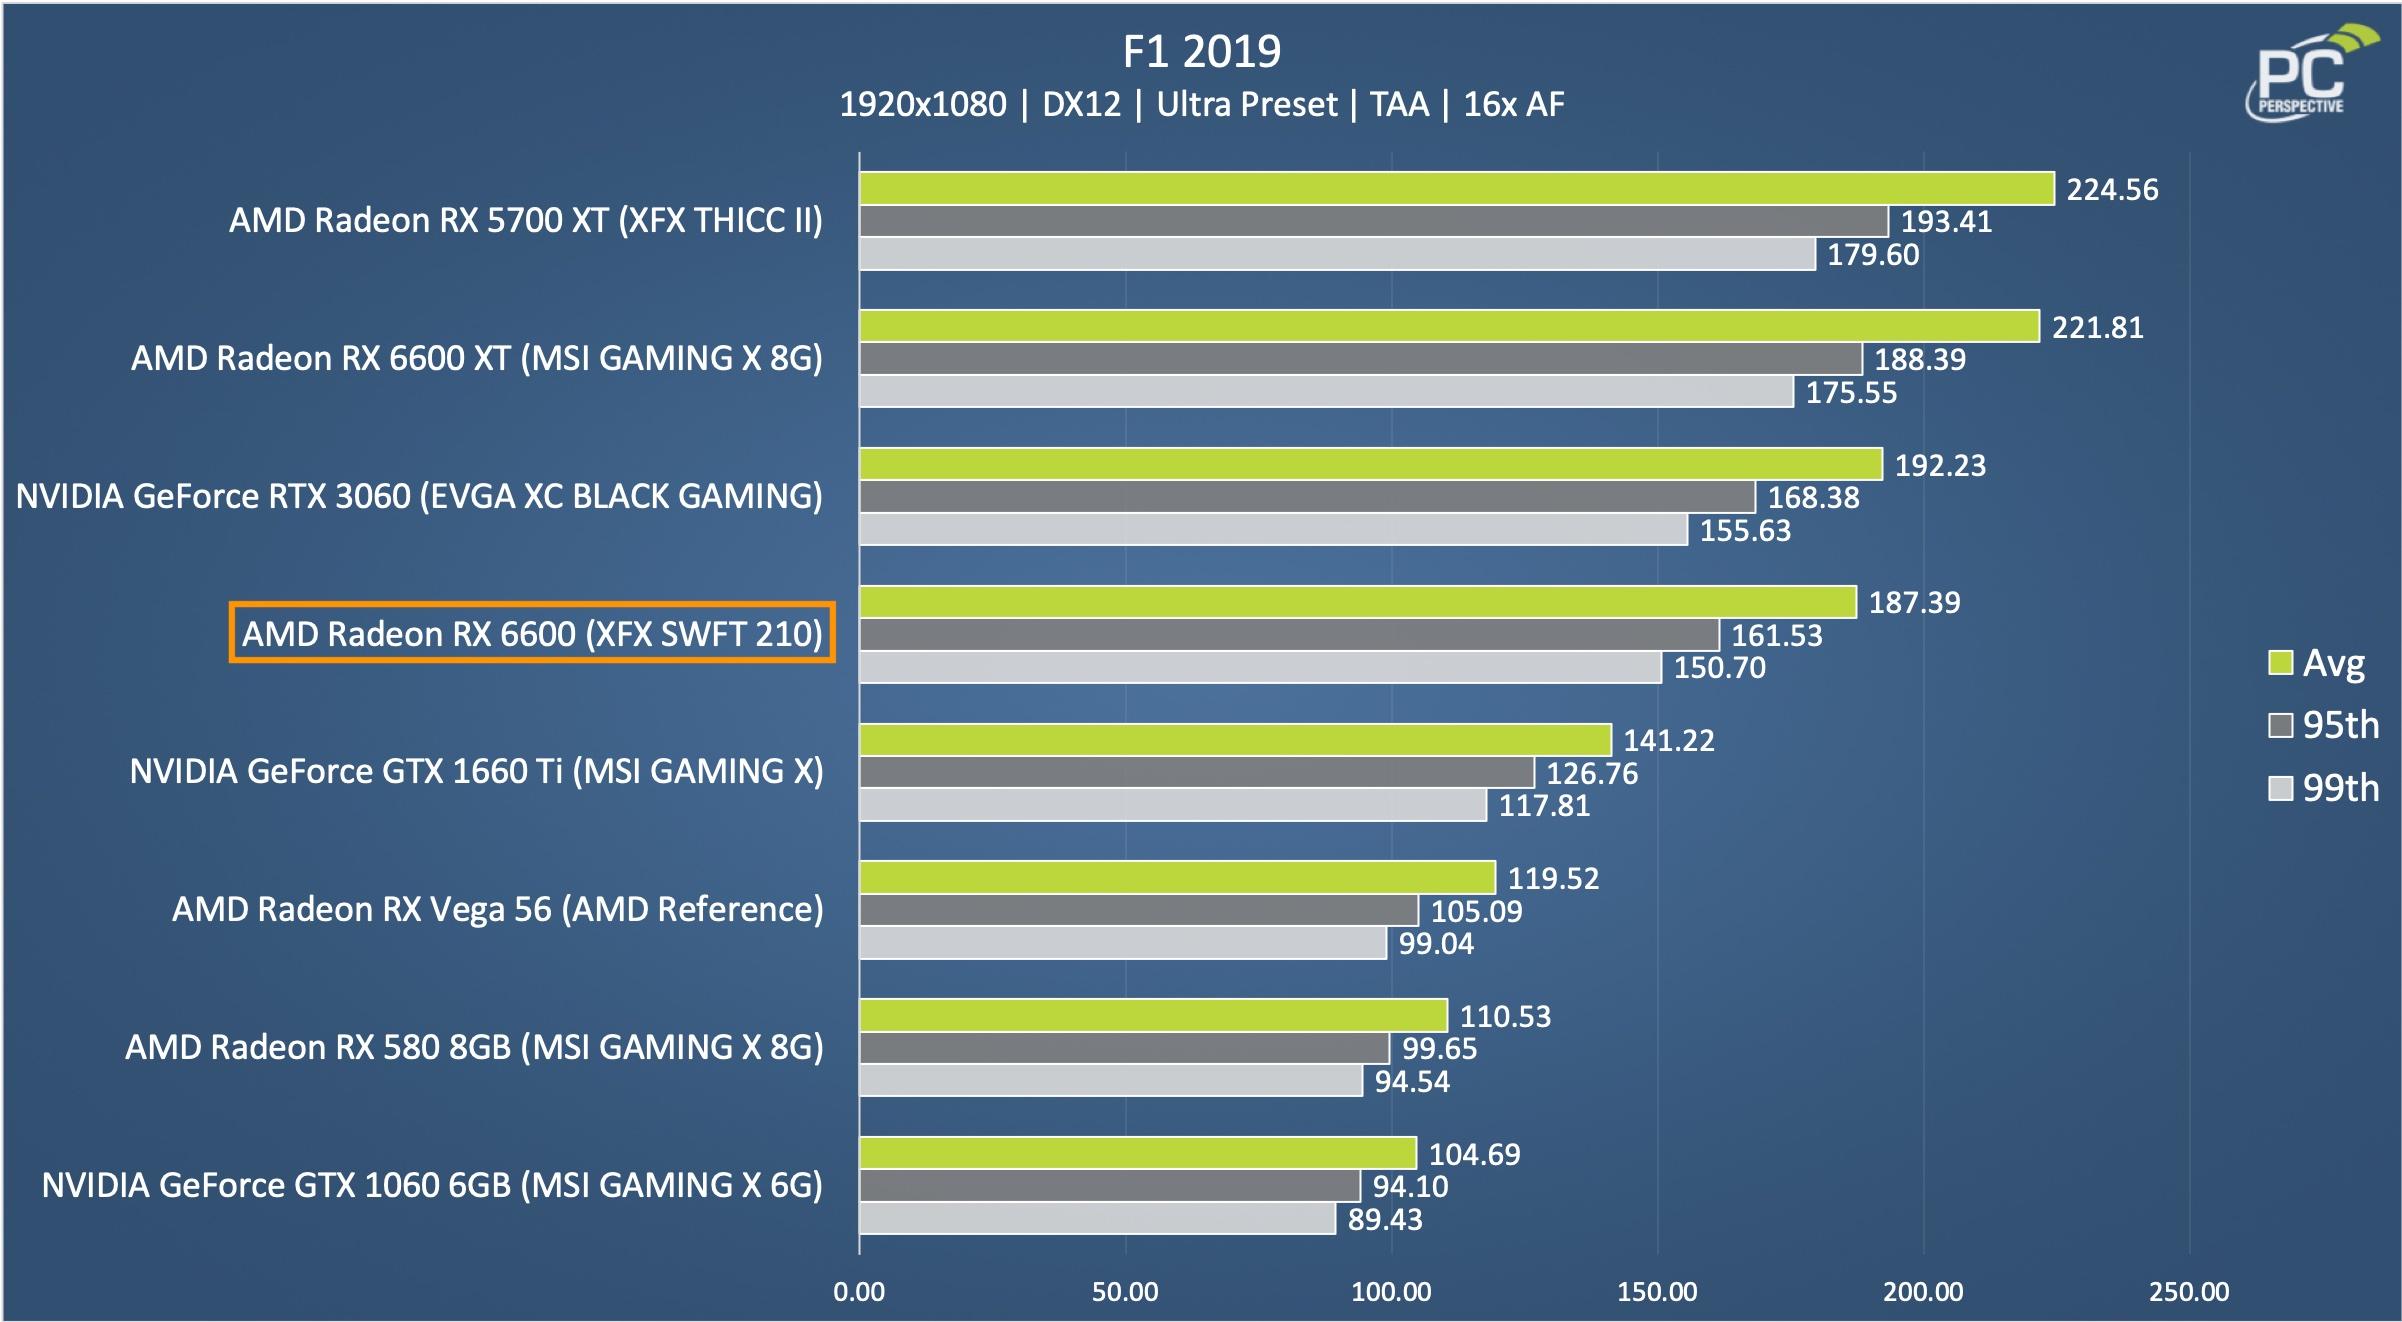 RX 6600 XFX SWFT 210 F1 2019 Chart